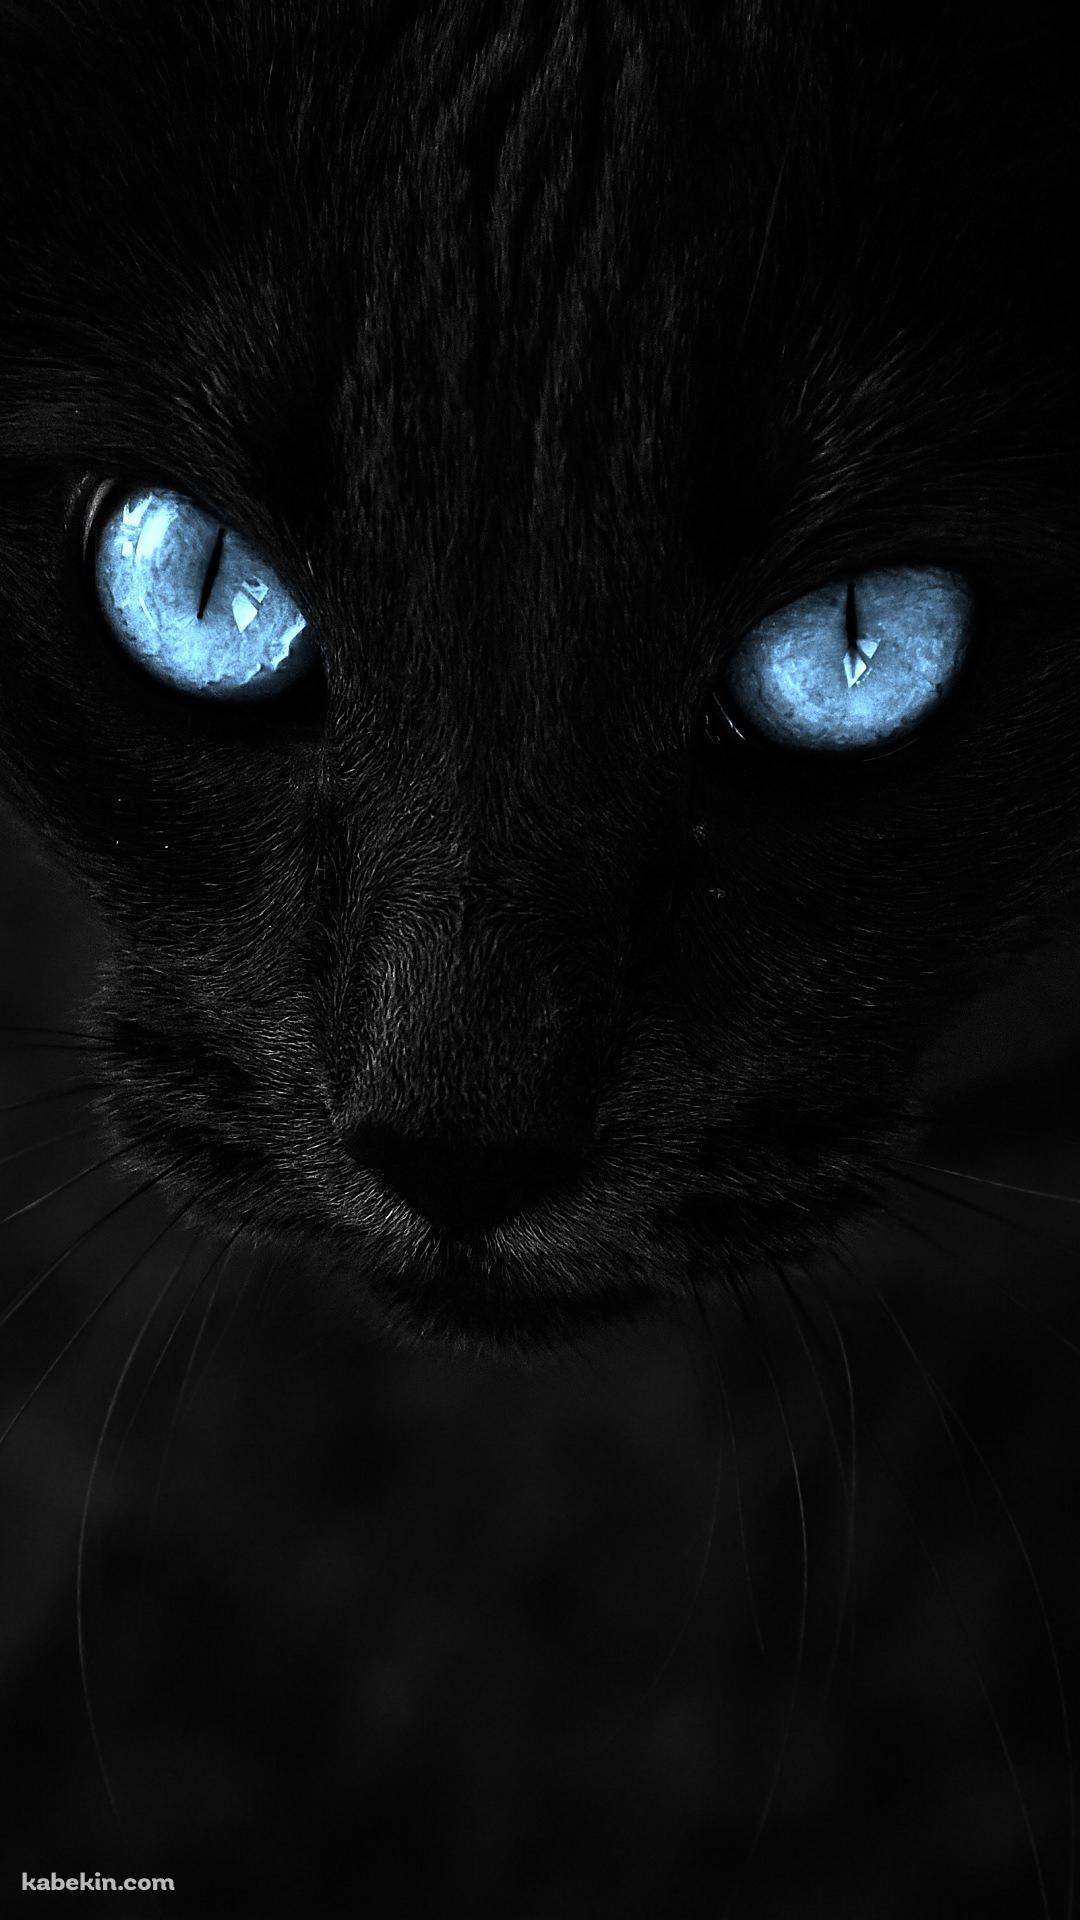 青い目の黒猫のandroid壁紙 1080 X 1920 壁紙キングダム スマホ版